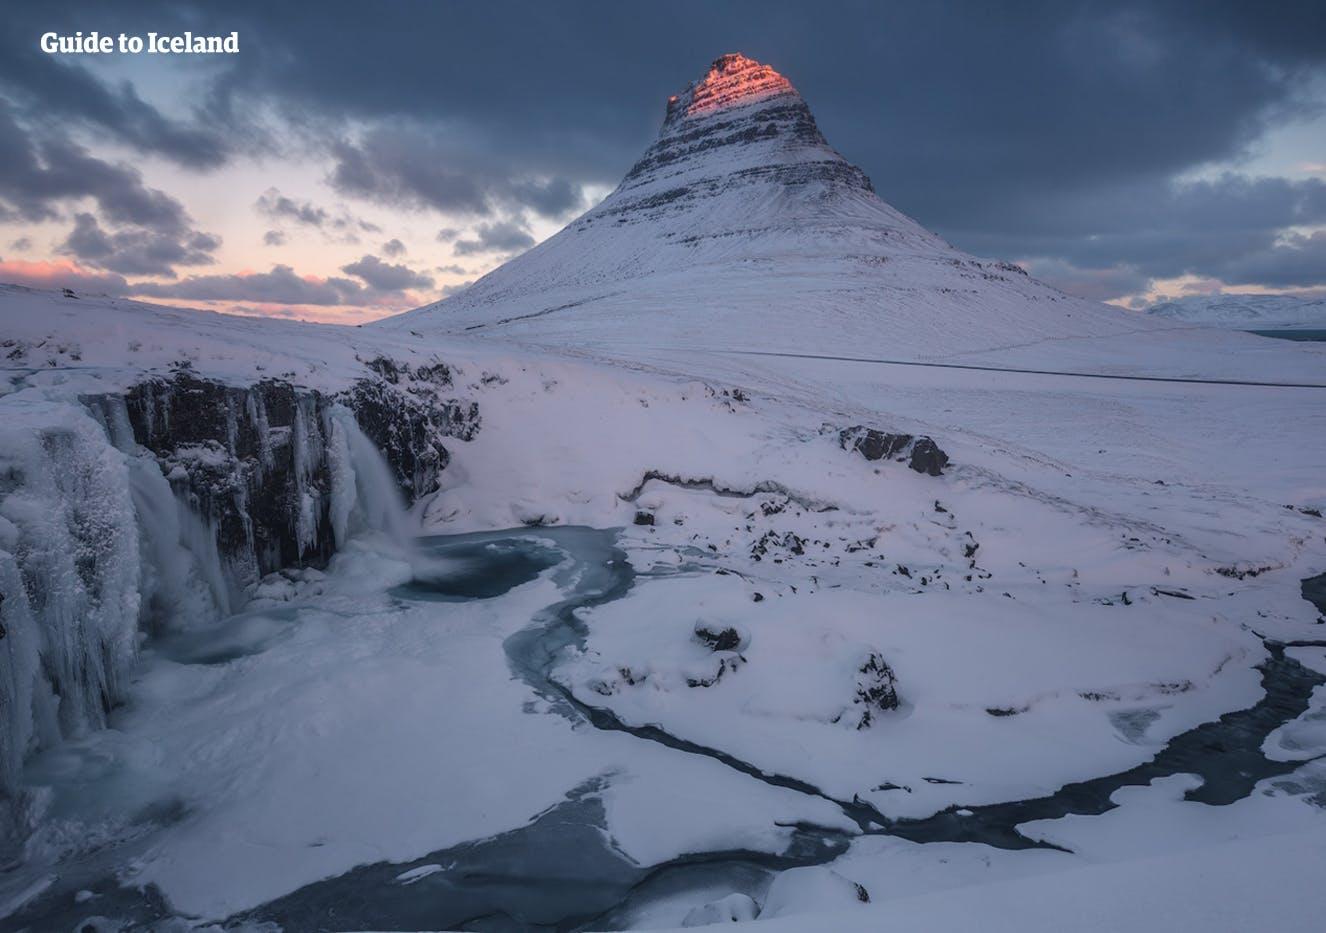 位于冰岛西部斯奈山半岛上的教会山在冬季冷艳的景色。